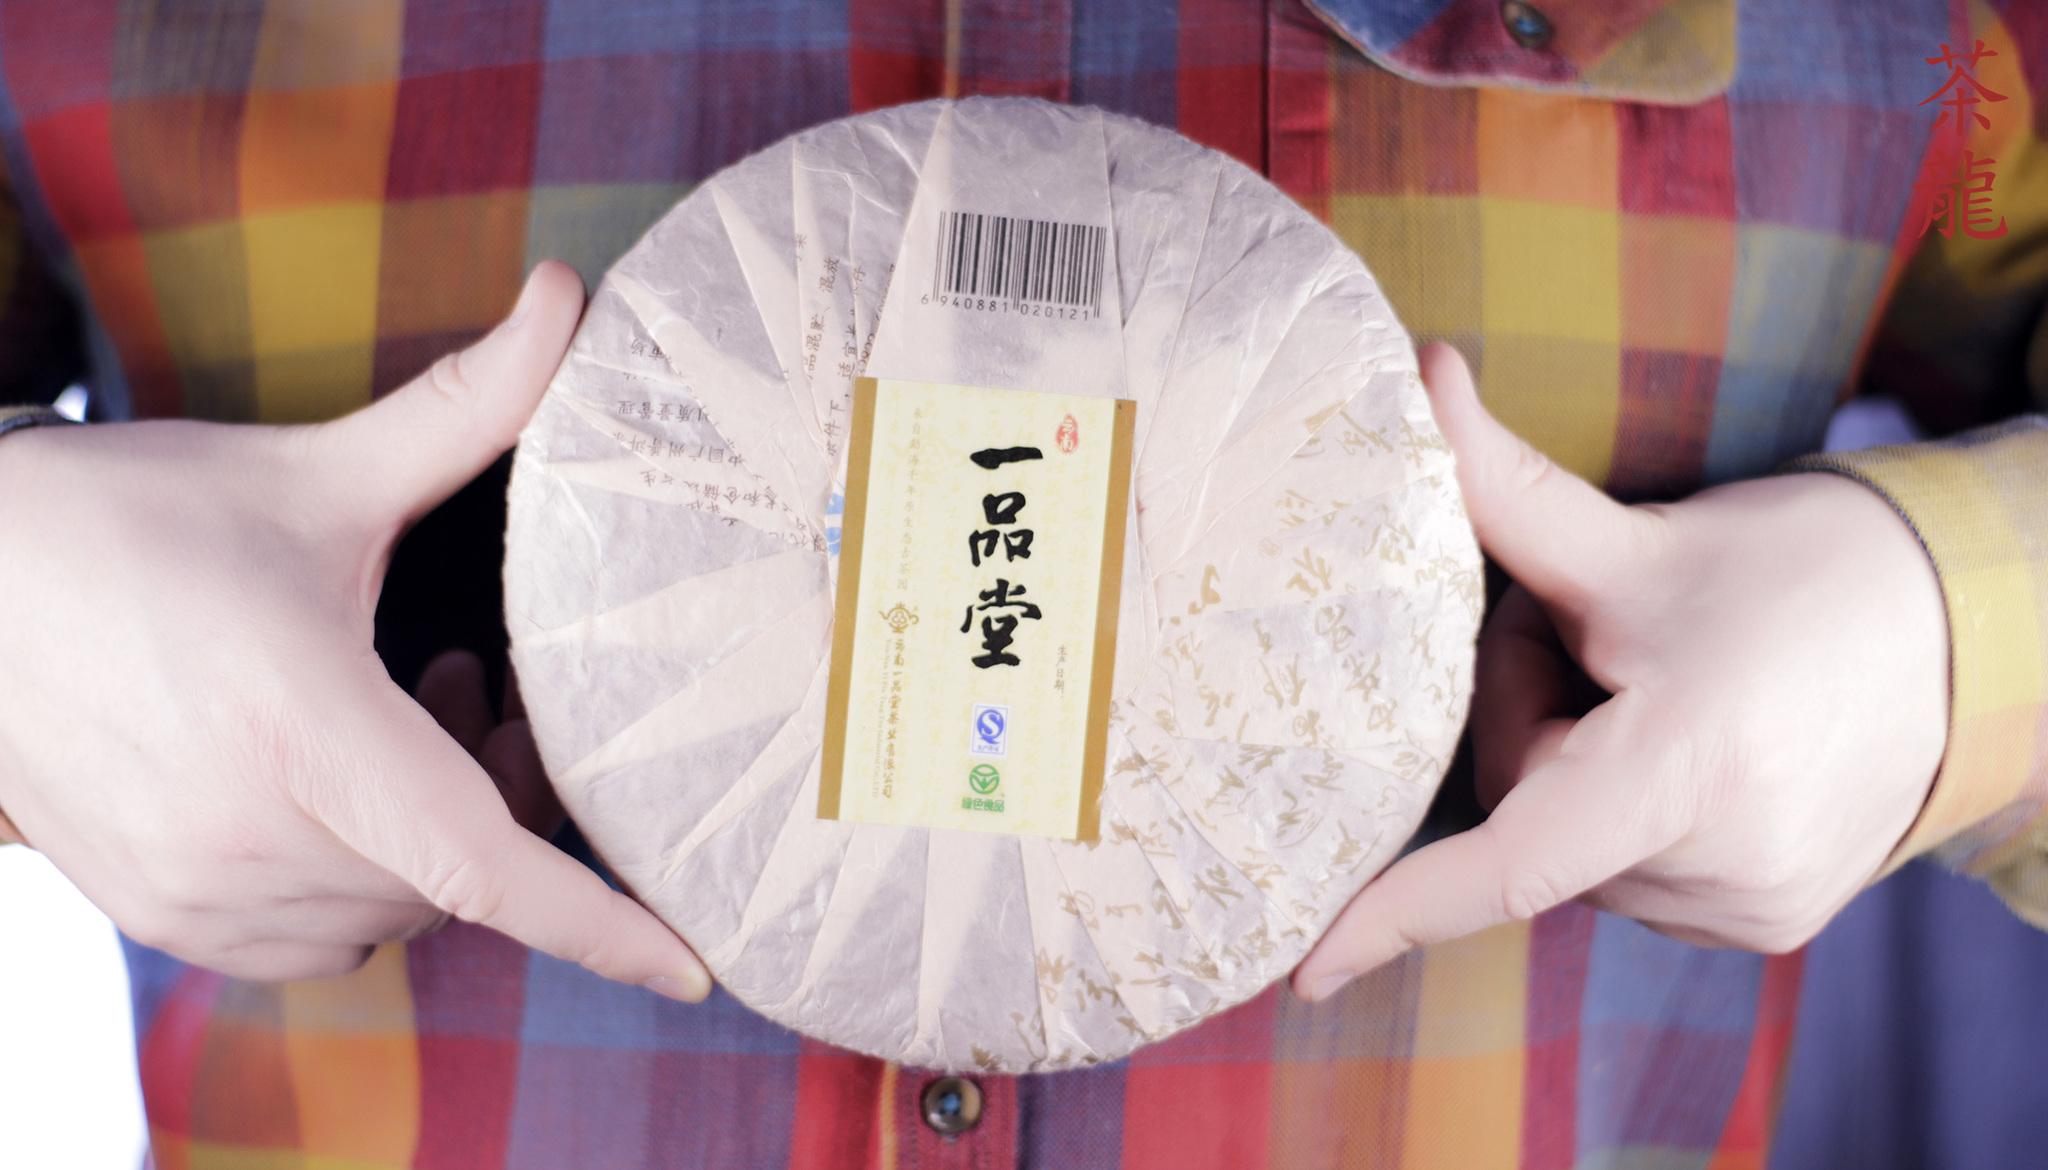 Шу Пуэр Юпин Шенг Ши, 2012 г.